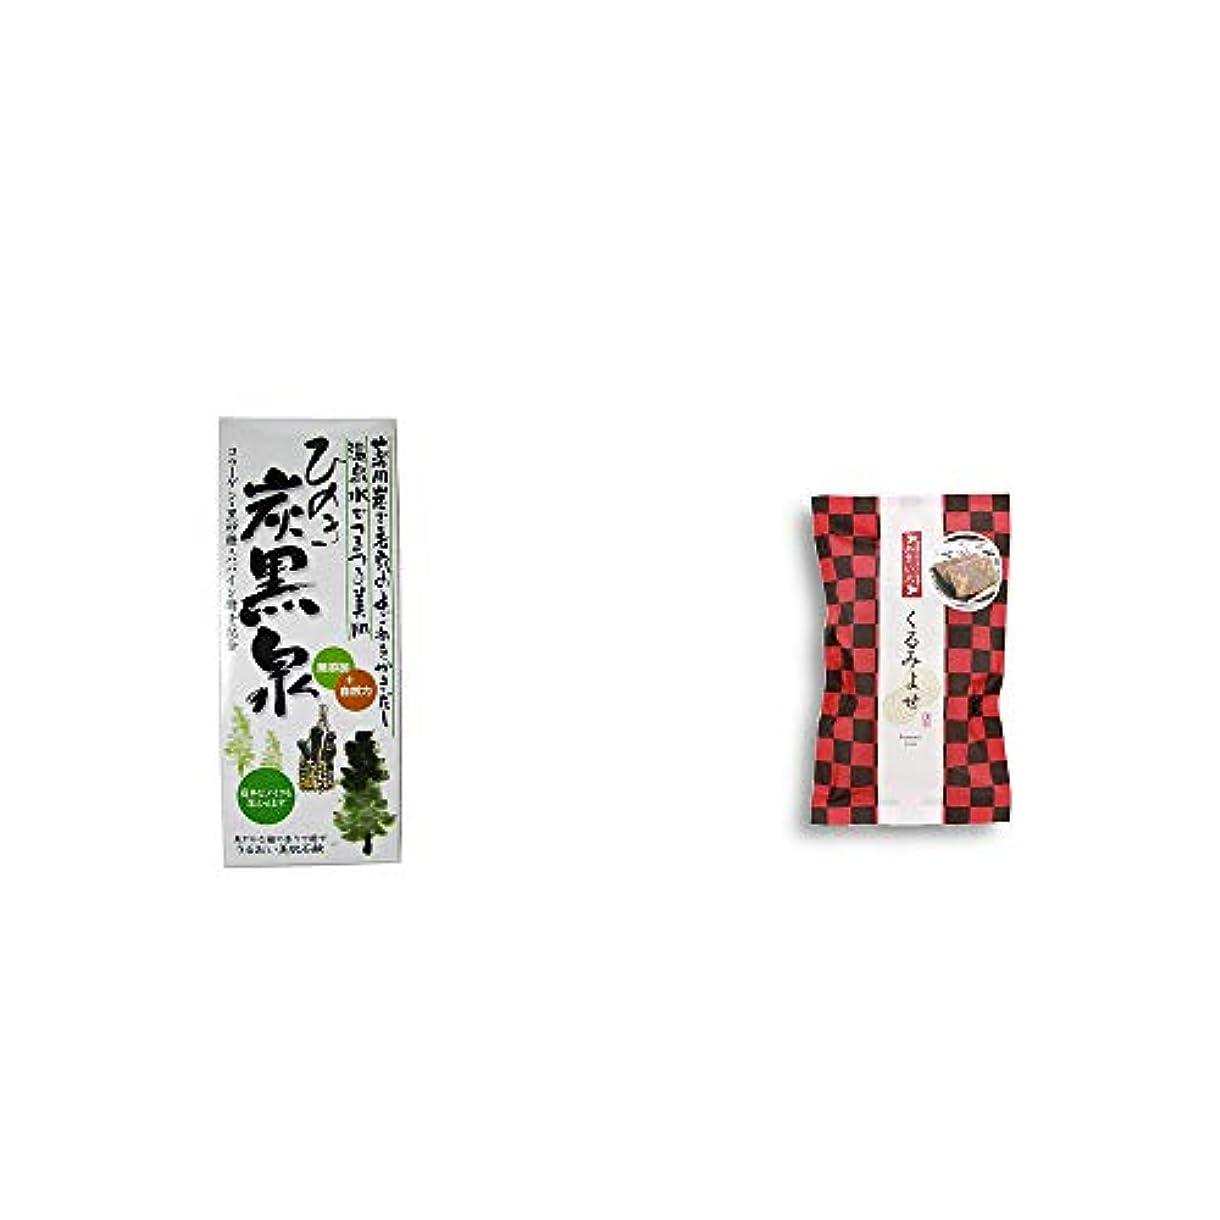 ナチュラ興奮動詞[2点セット] ひのき炭黒泉 箱入り(75g×3)?くるみよせ(こし餡)(5個入)